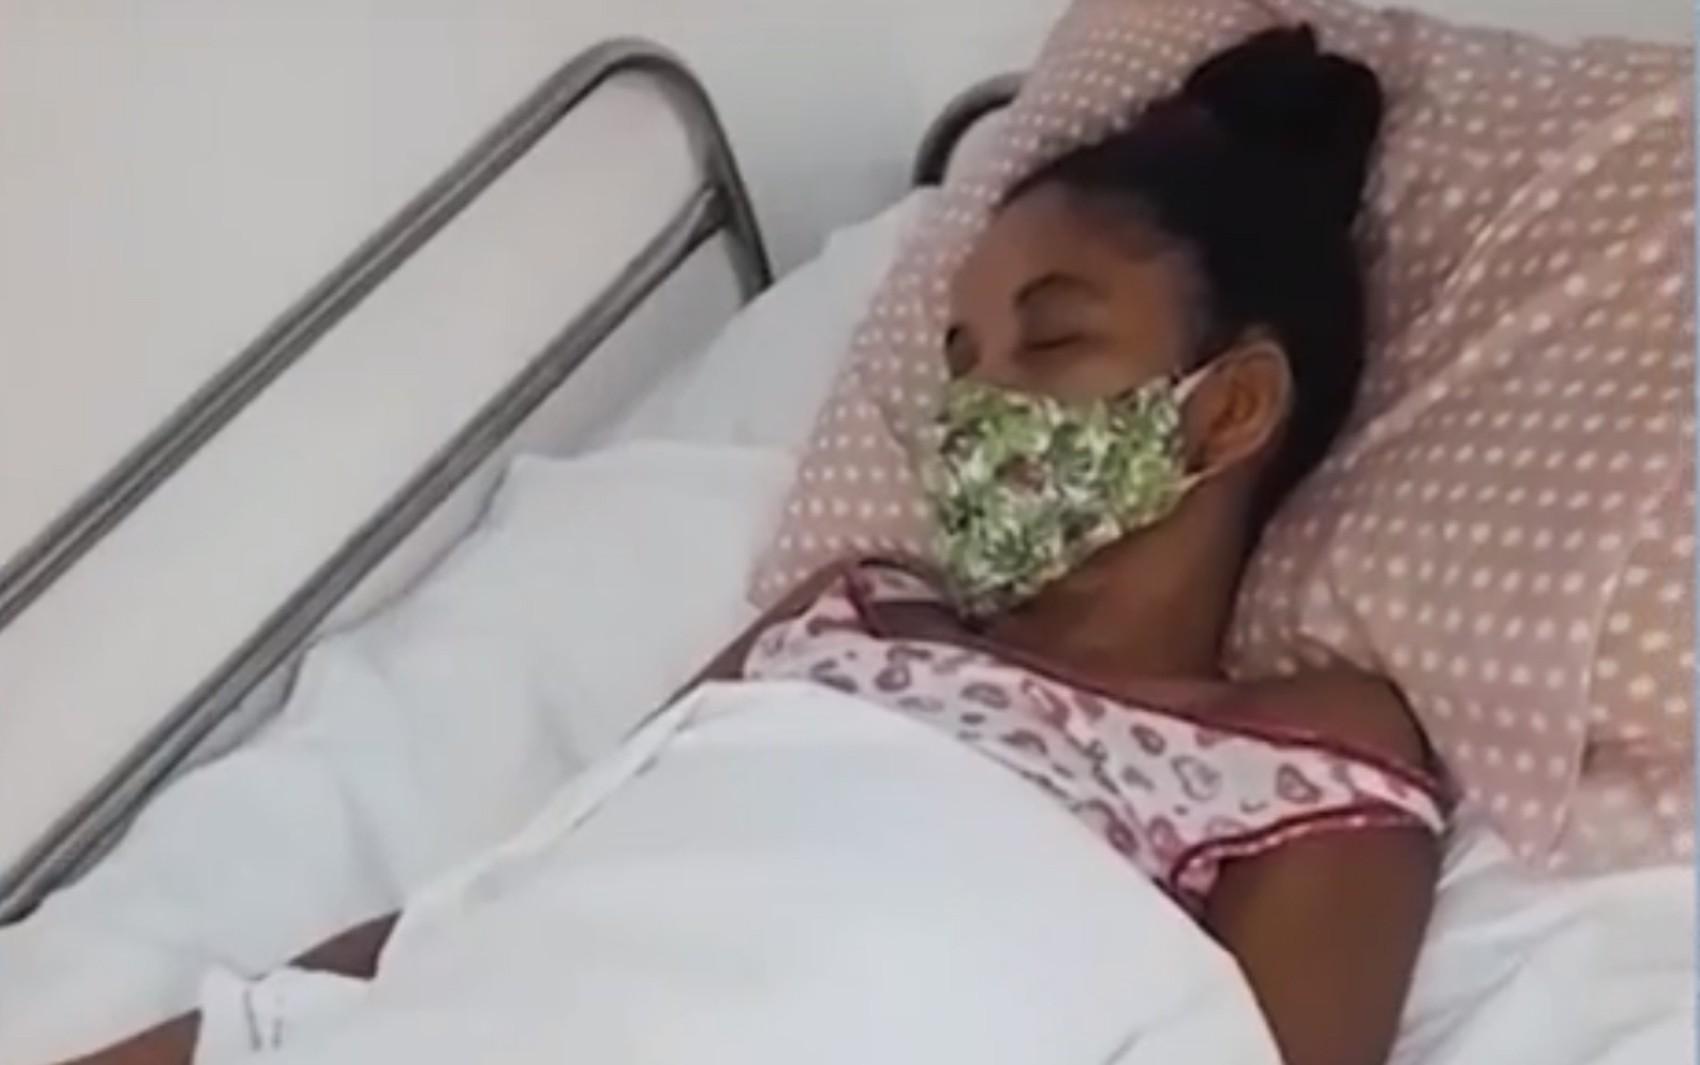 Com paralisia nos membros inferiores, paciente com Guillain-Barré internada na BA há mais de um mês aguarda remédio